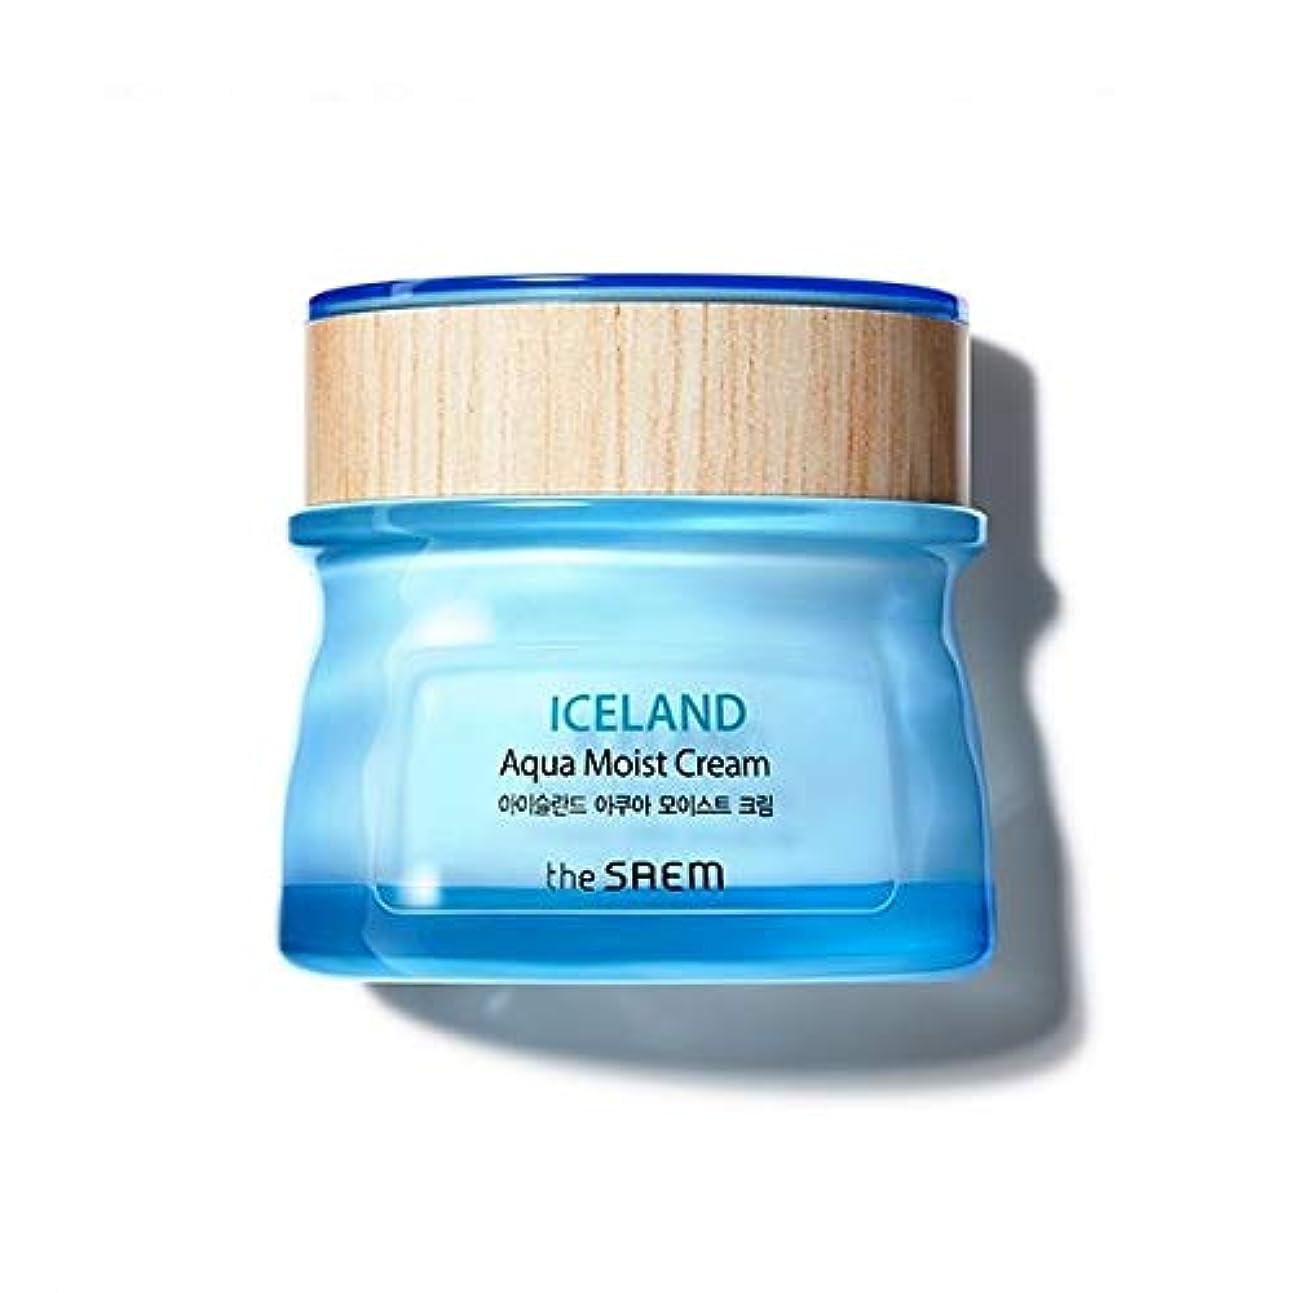 ゴネリル利得説教するThe saem Iceland Apua Moist Cream ザセム アイスランド アクア モイスト クリーム 60ml [並行輸入品]